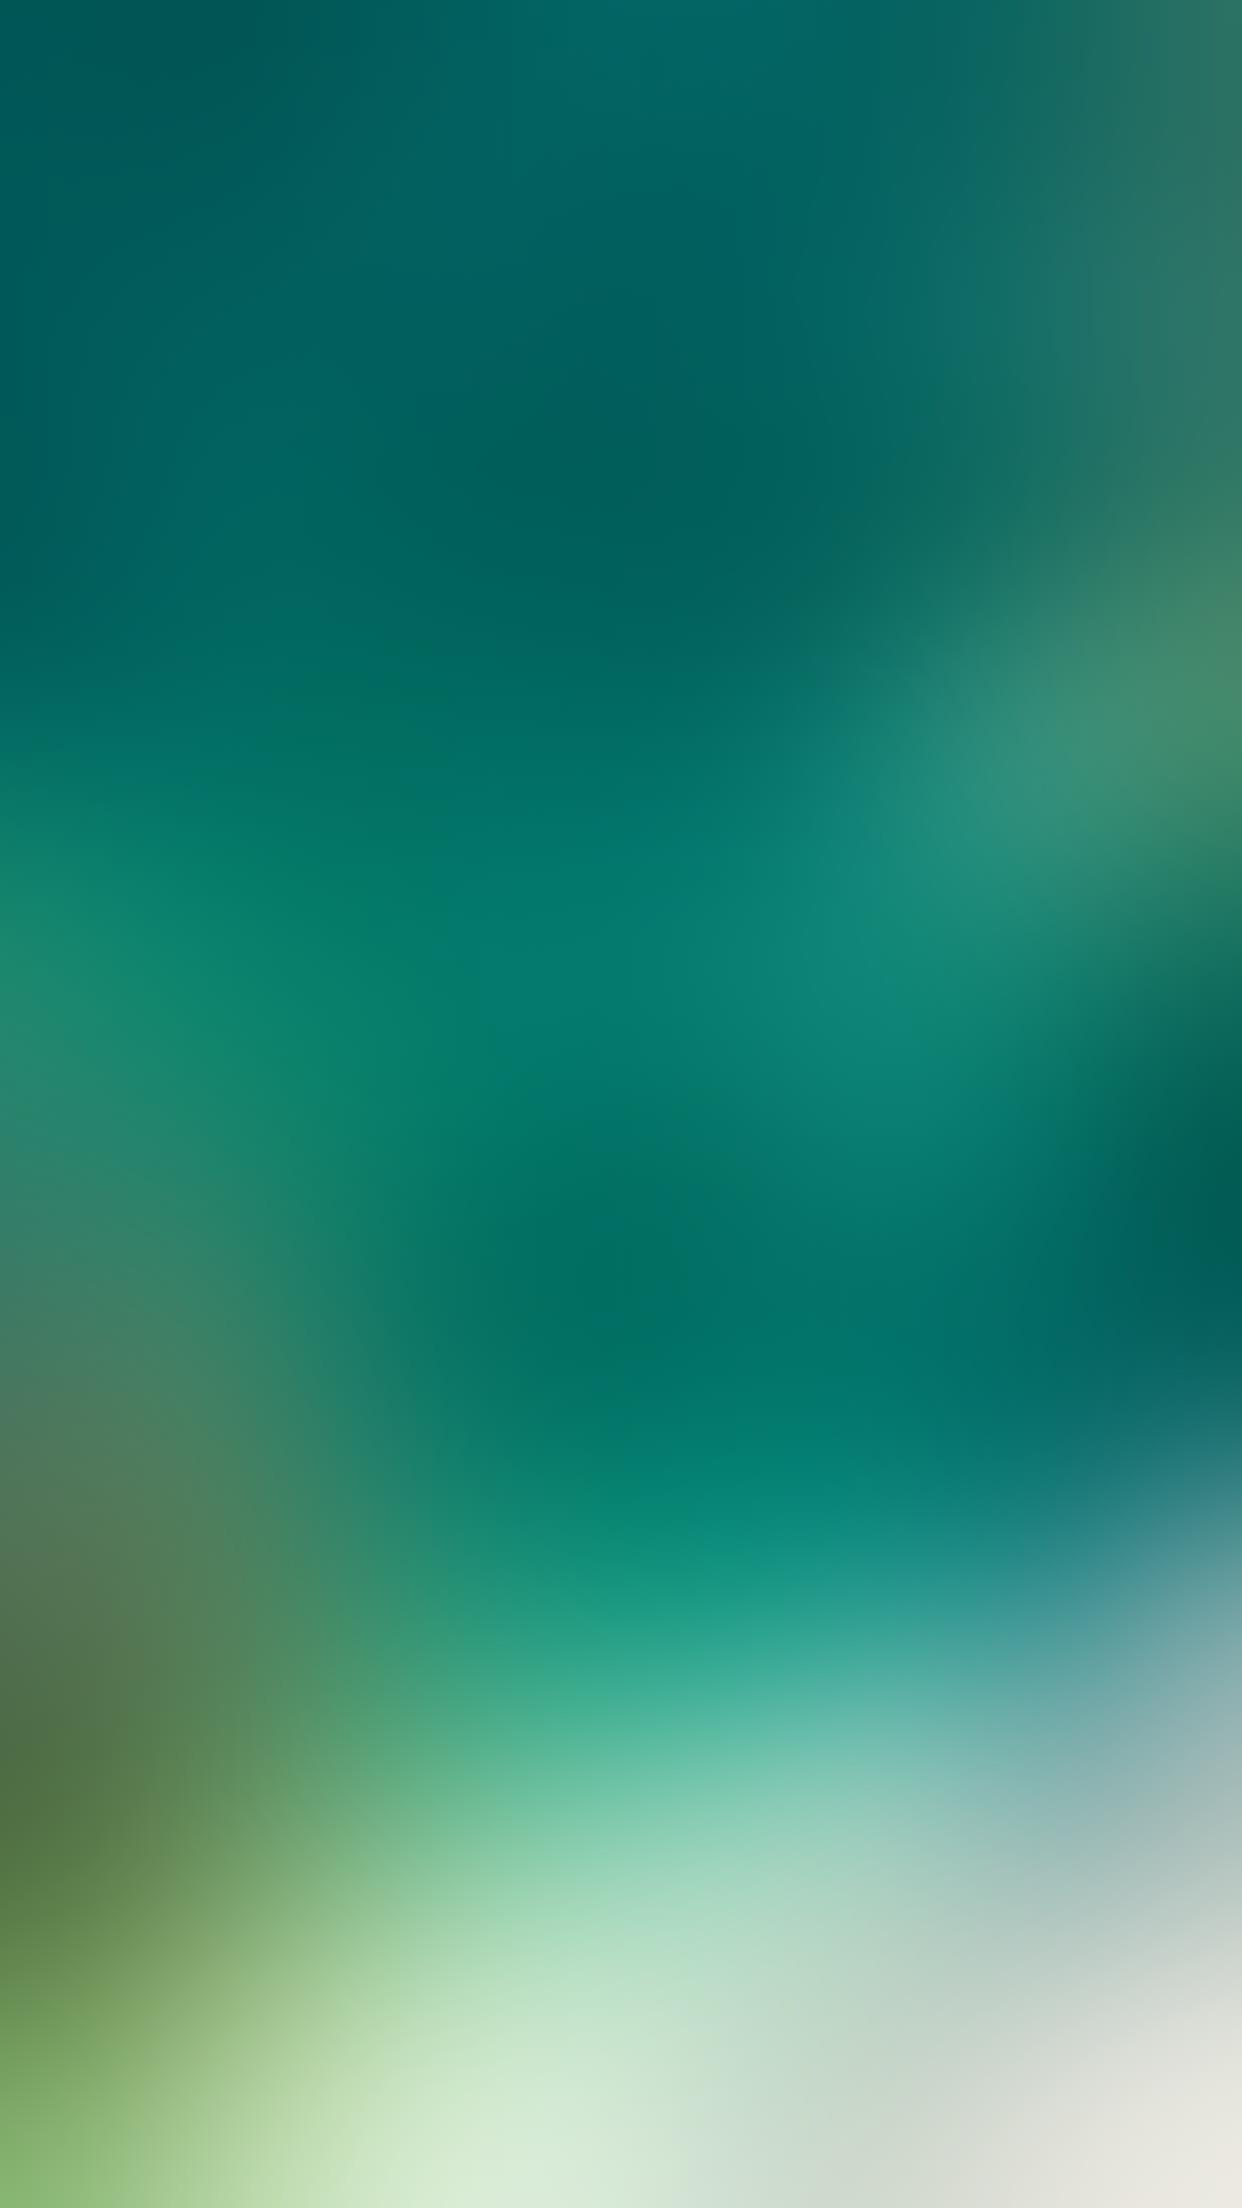 iOS 10 Wallpaper inspired kiwimanjaro splash. Download: gradient; textured  …